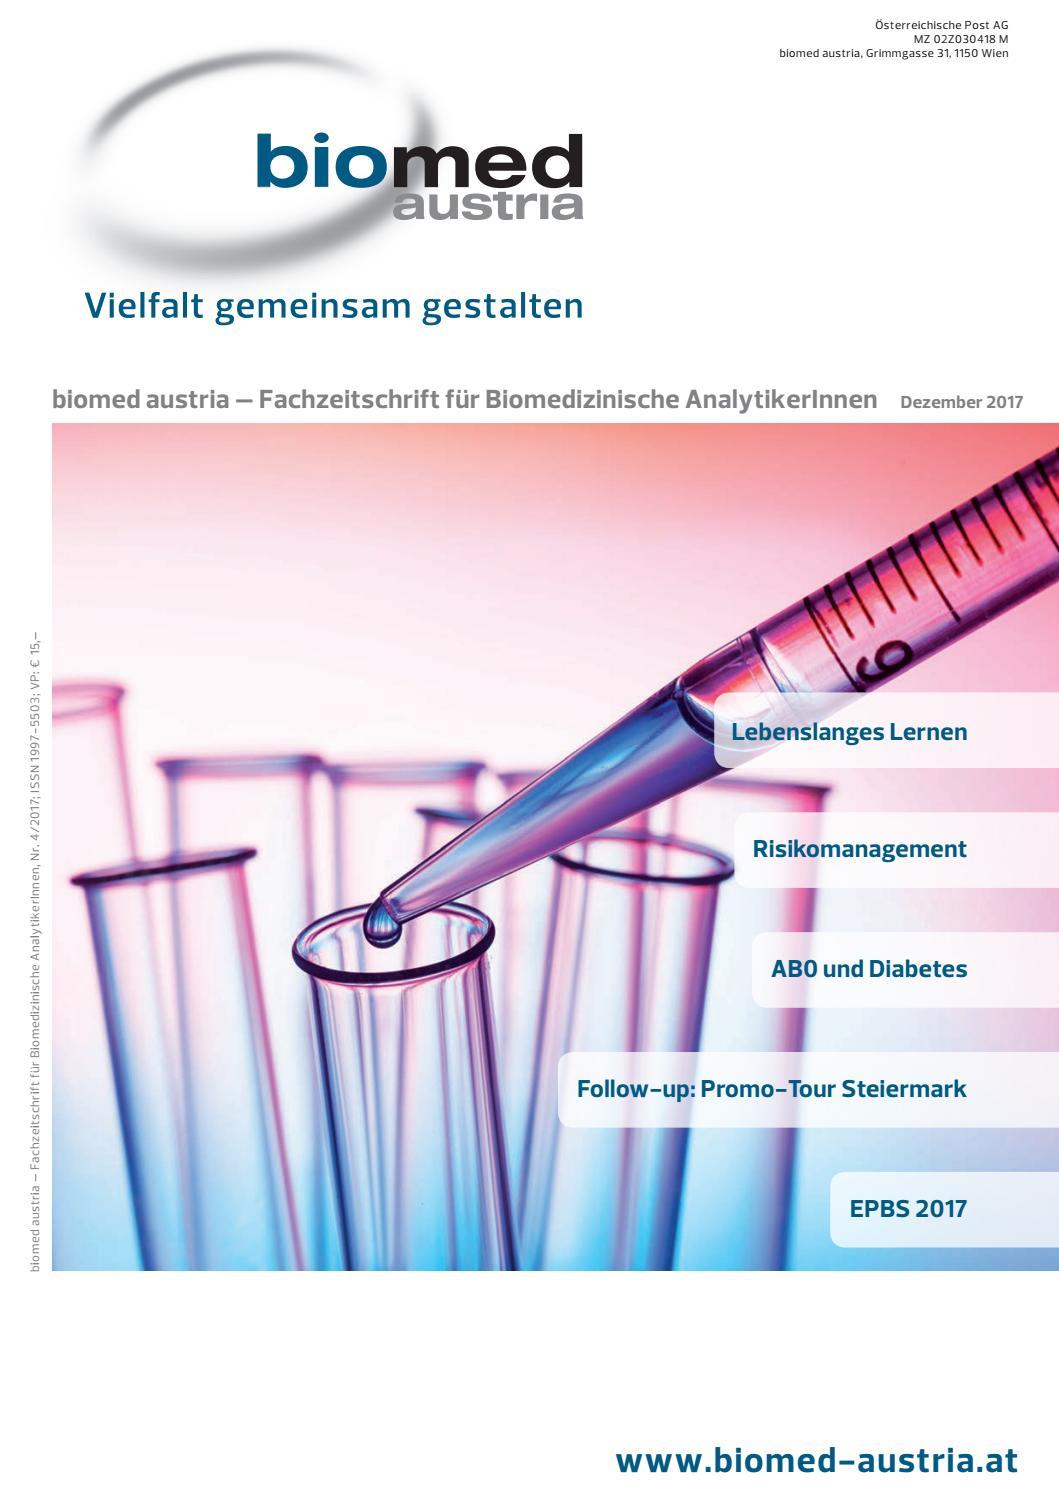 biomed austria Fachzeitschrift - Dezember 2017 by biomed austria - issuu